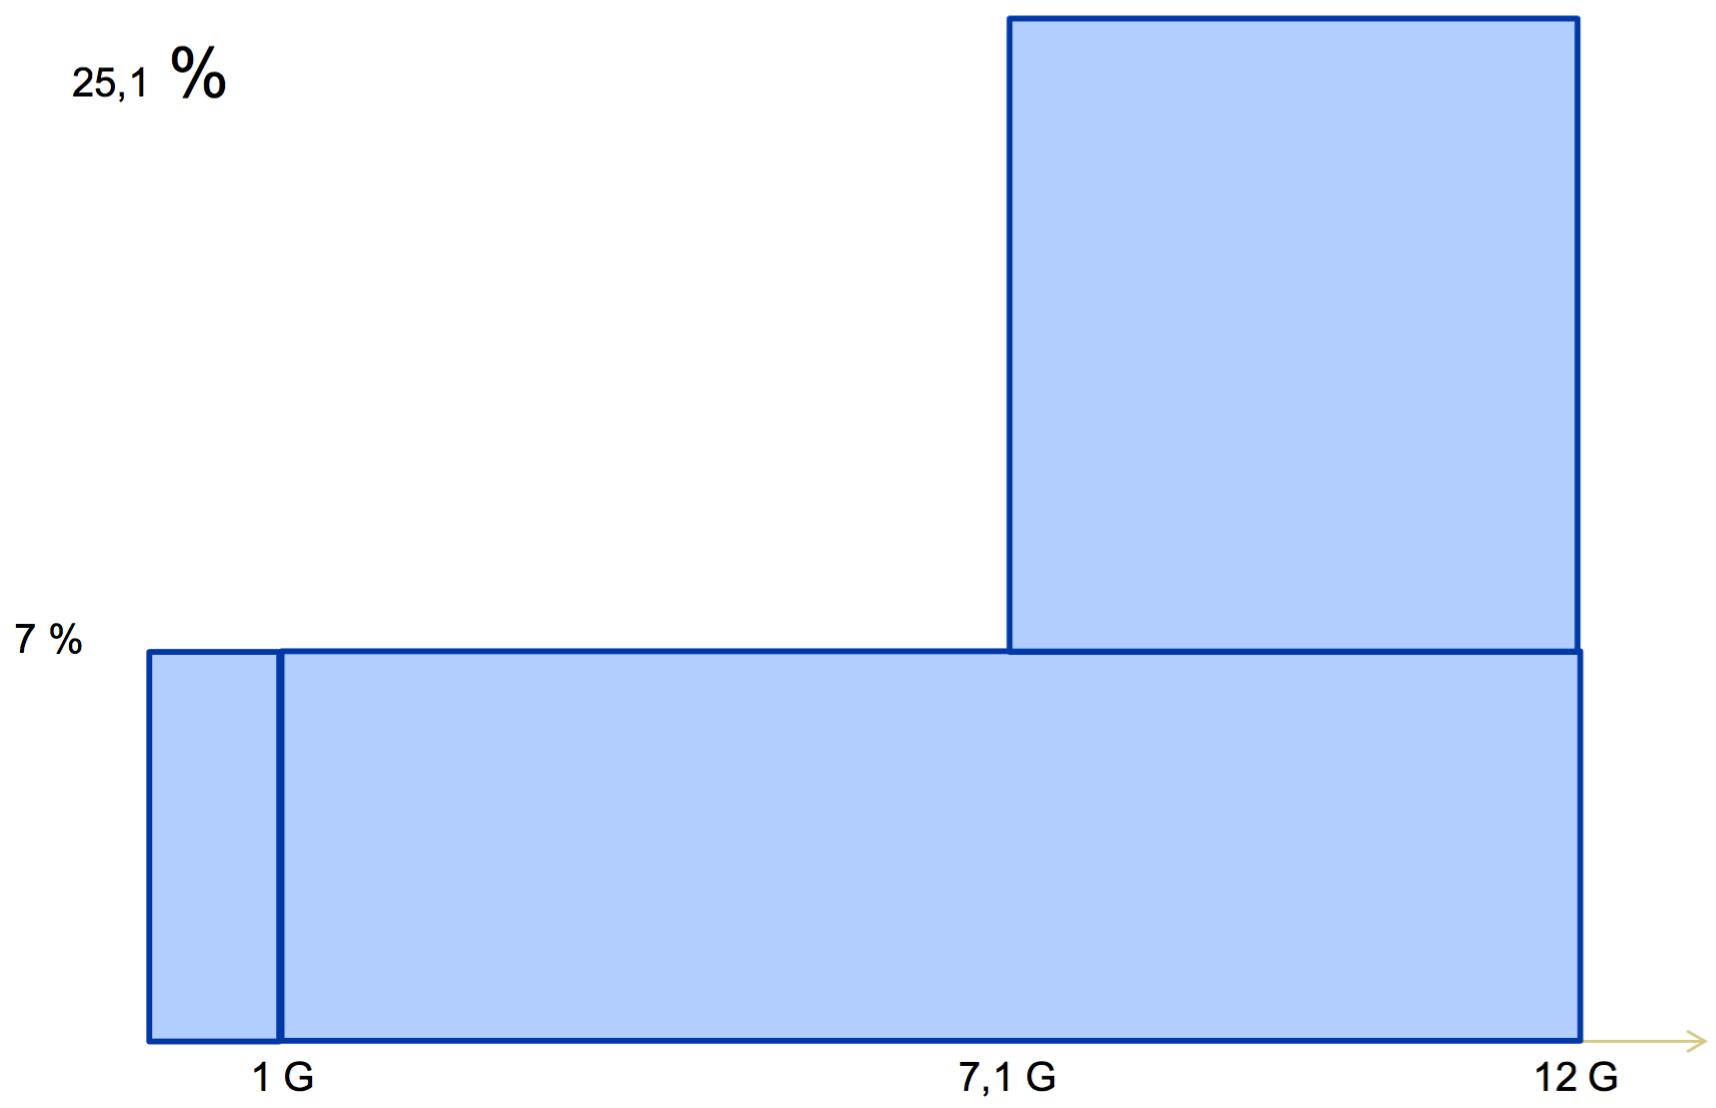 Presentasjon_NLF_23_10_2015_pdf__side_75_av_93_